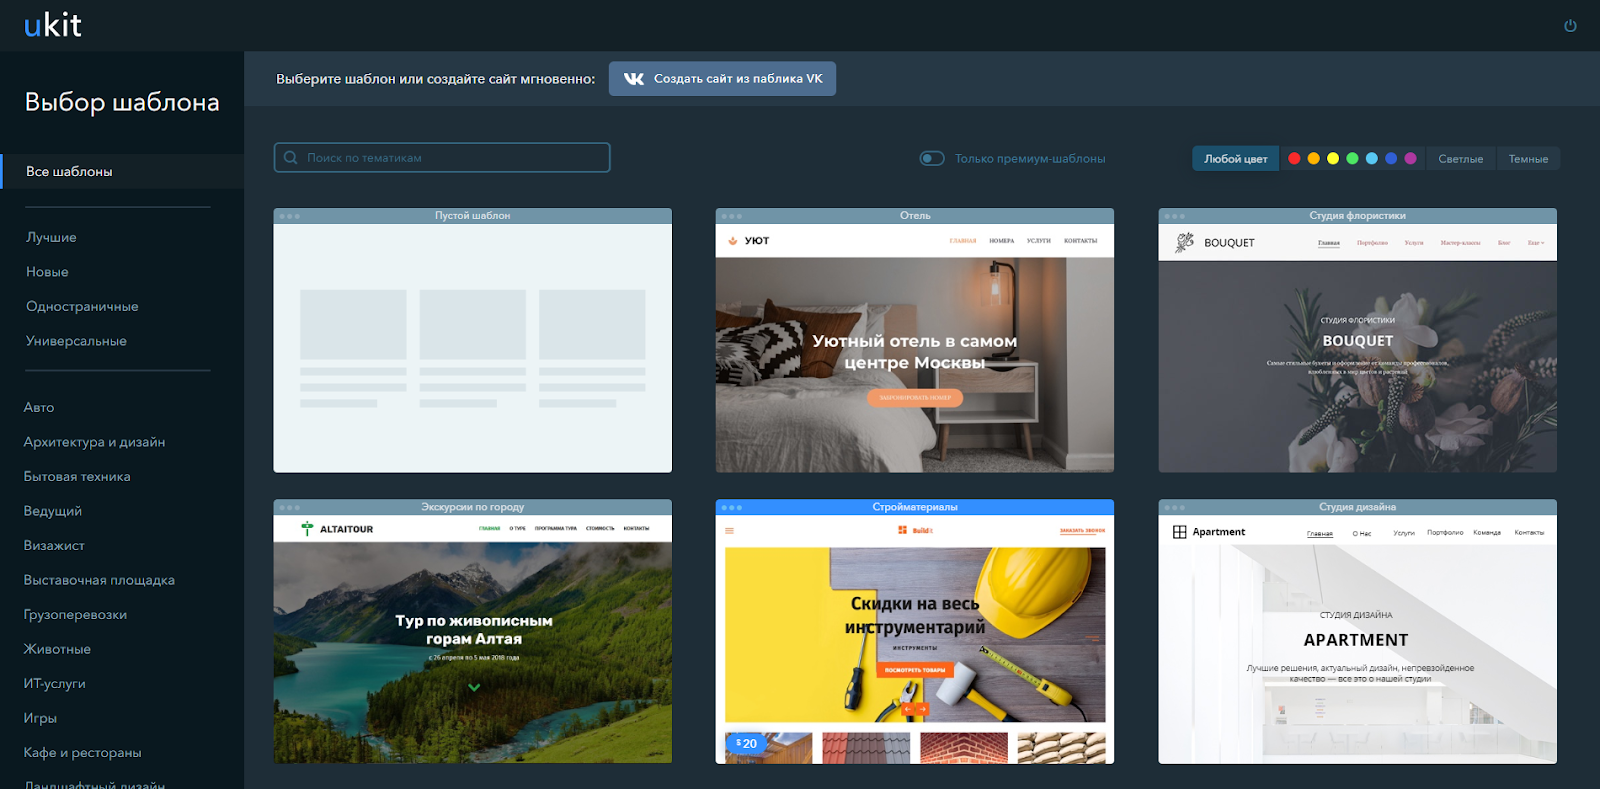 Как вывести бизнес в онлайн за один день при помощи конструктора uKit